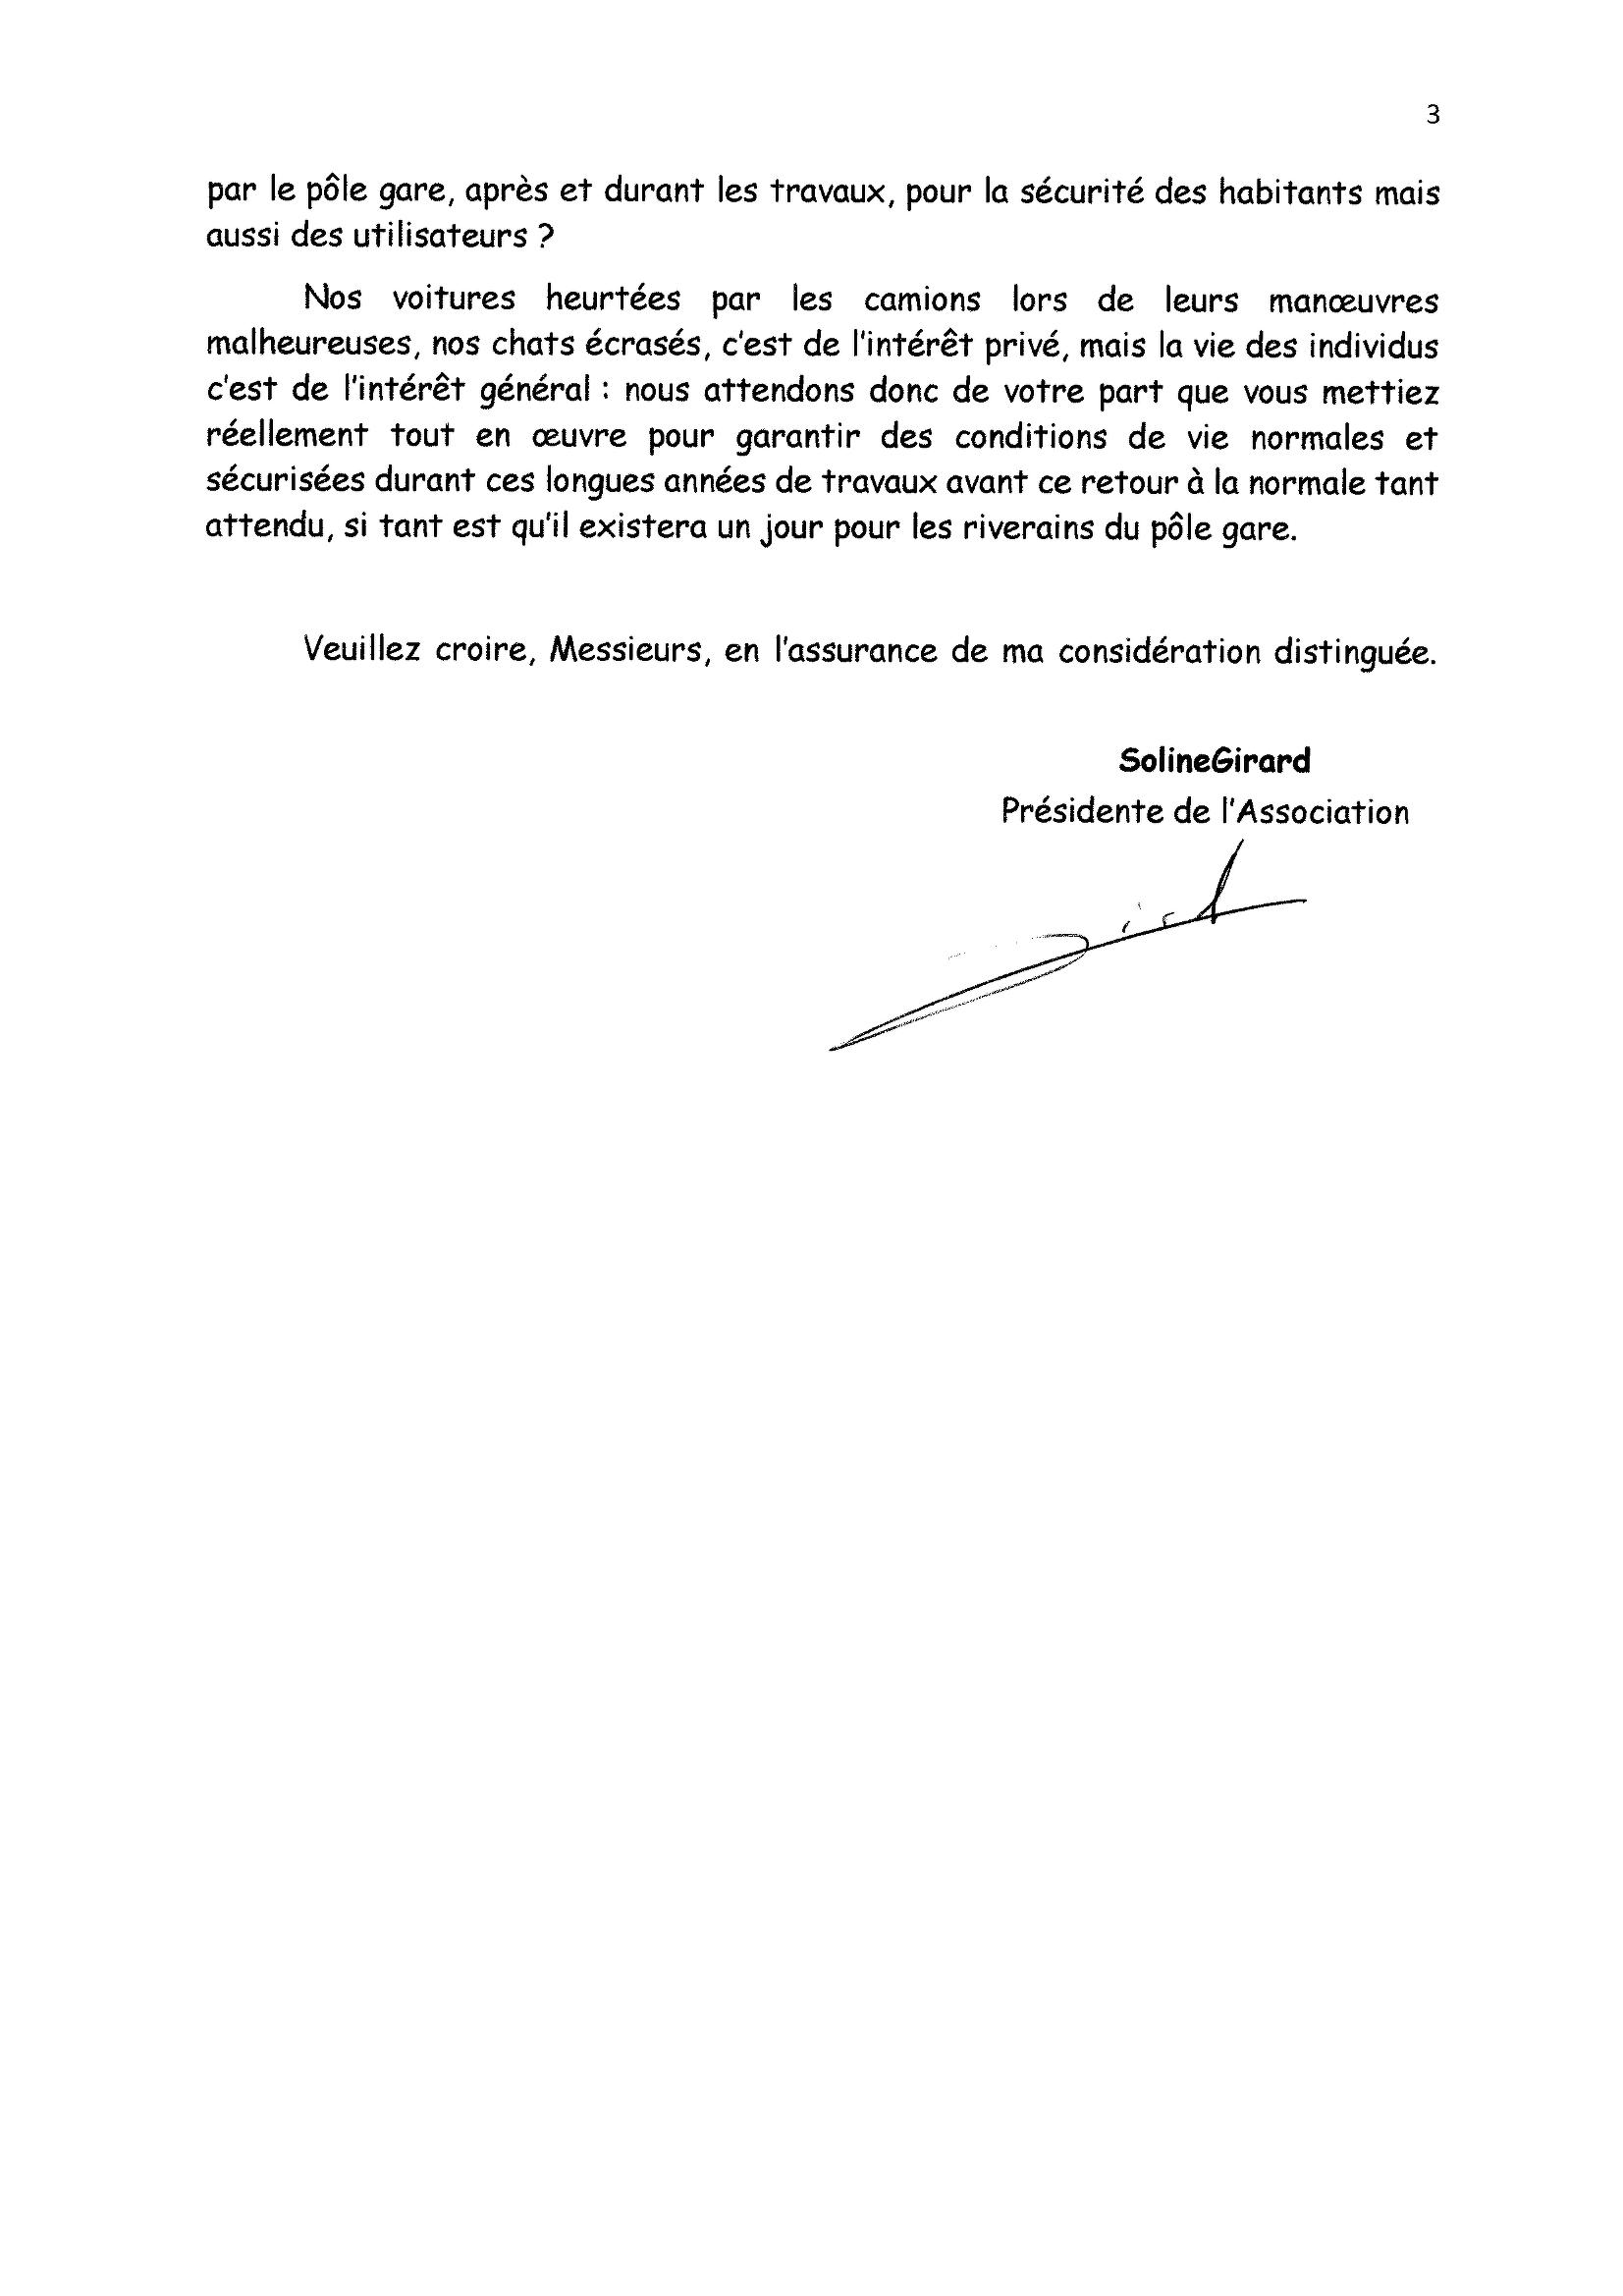 Lettre Épargnez-nous à Gorges 29-01-2021 Sécurisation Secteur Pôle Gare 2x3